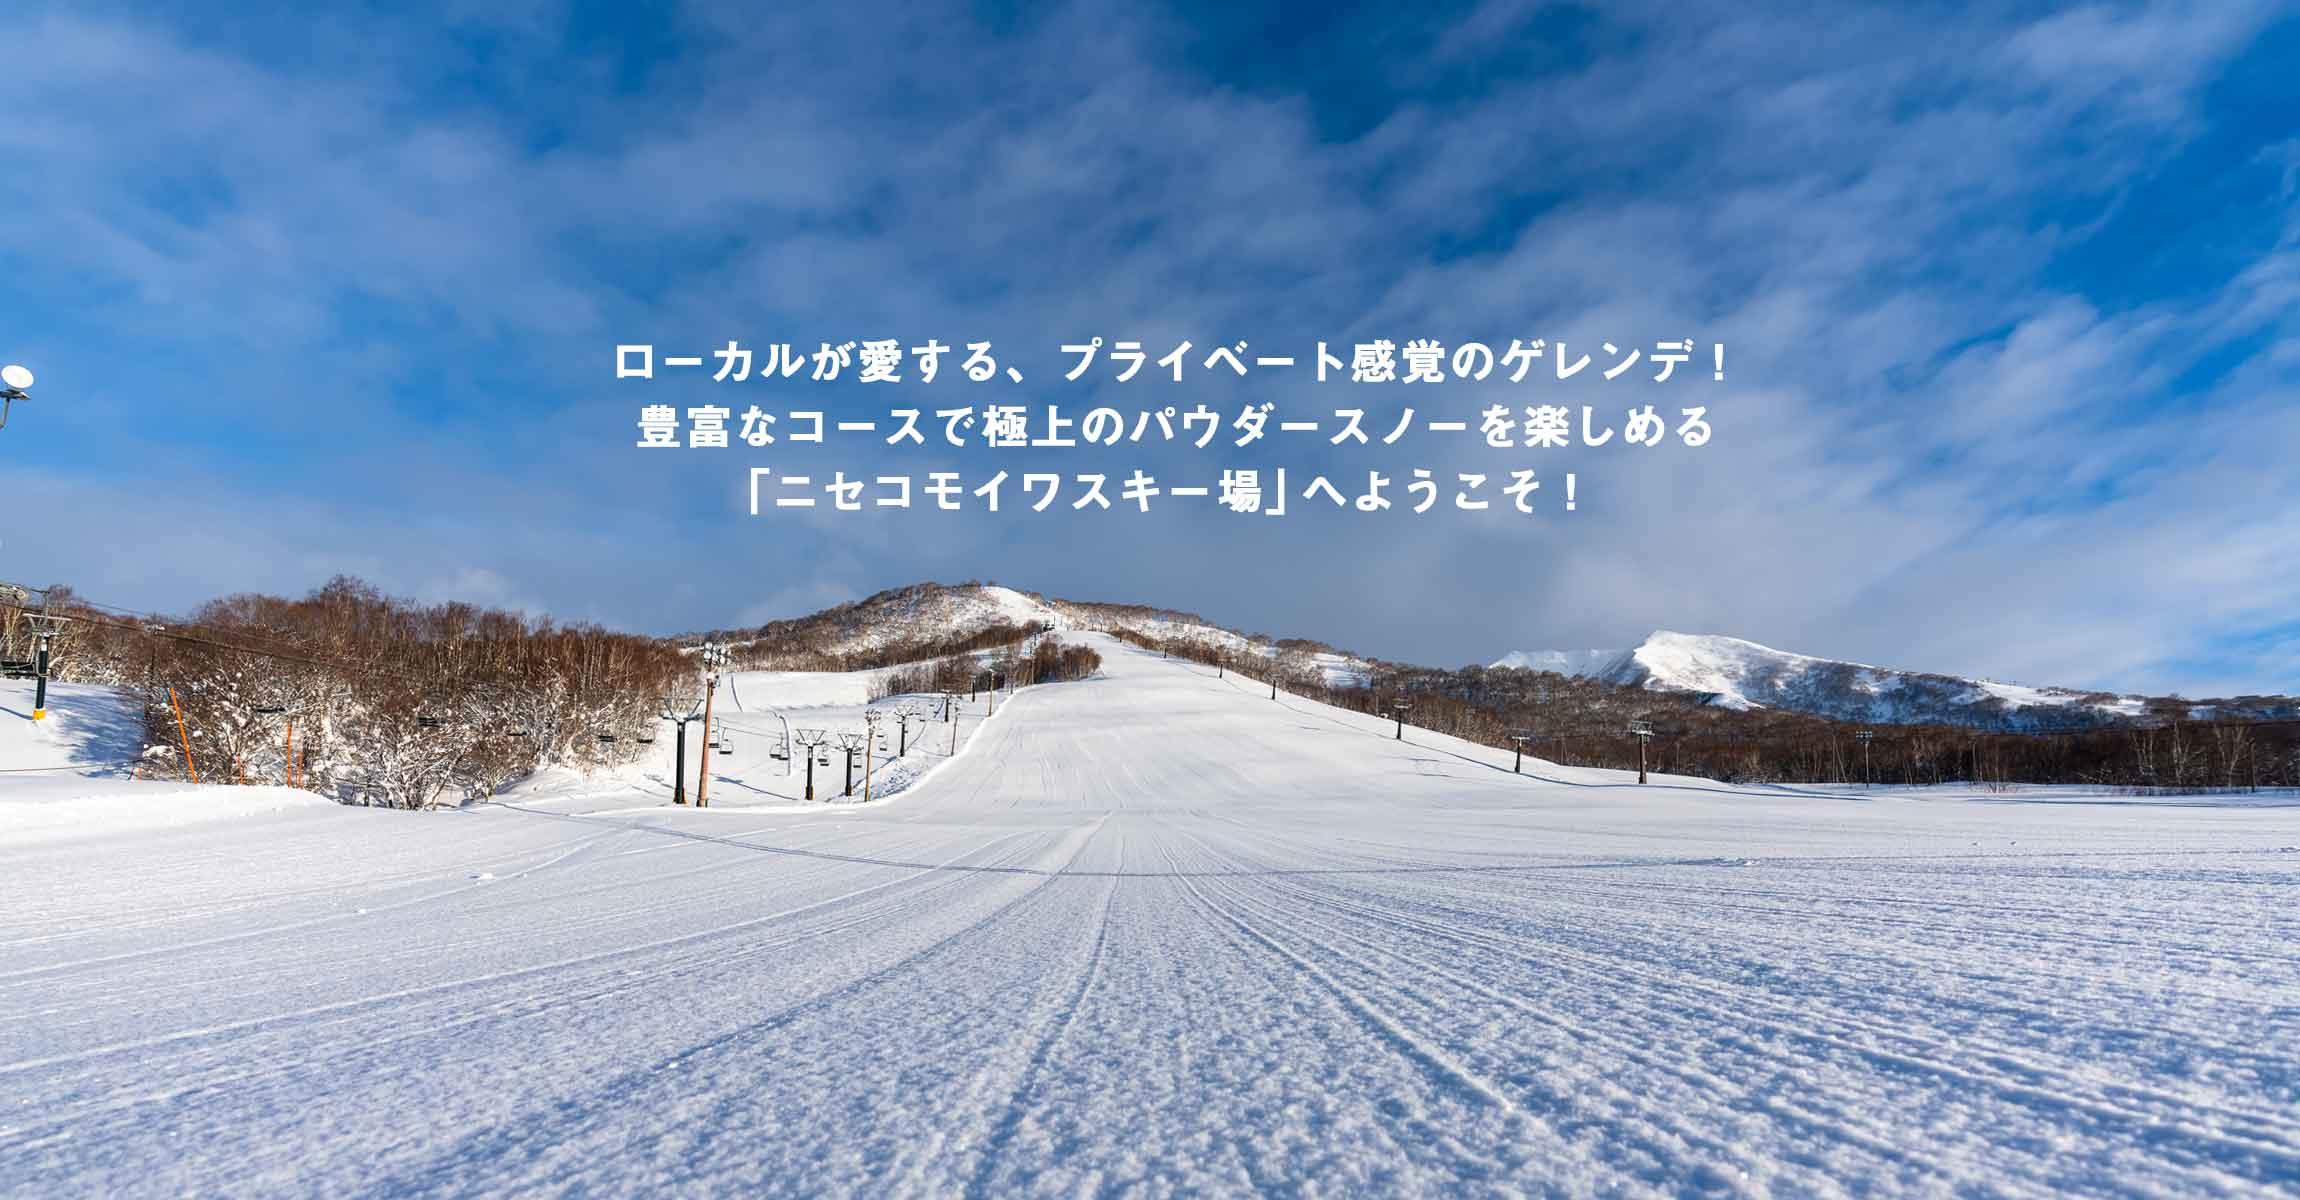 北海道ローカルが愛する、プライベート感覚のゲレンデ!豊富なコースで極上のパウダースノーを楽しめる「ニセコモイワスキー場」へようこそ!